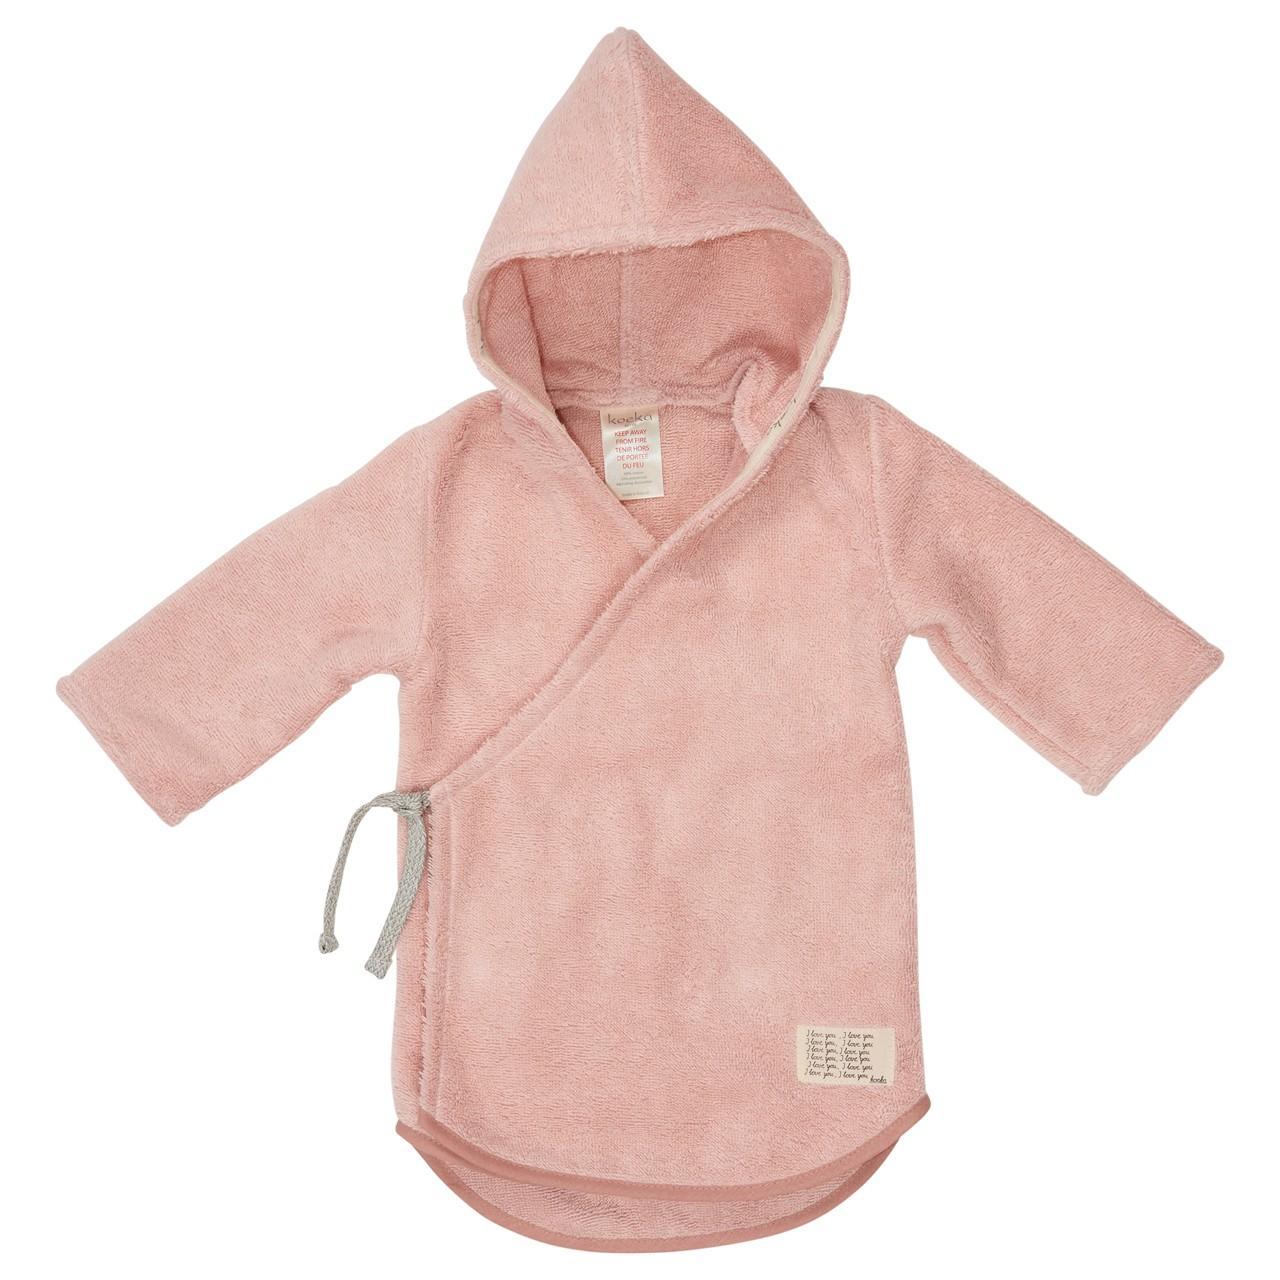 Koeka - Baby Badjas Dijon Organic Shadow Pink - 3-6M